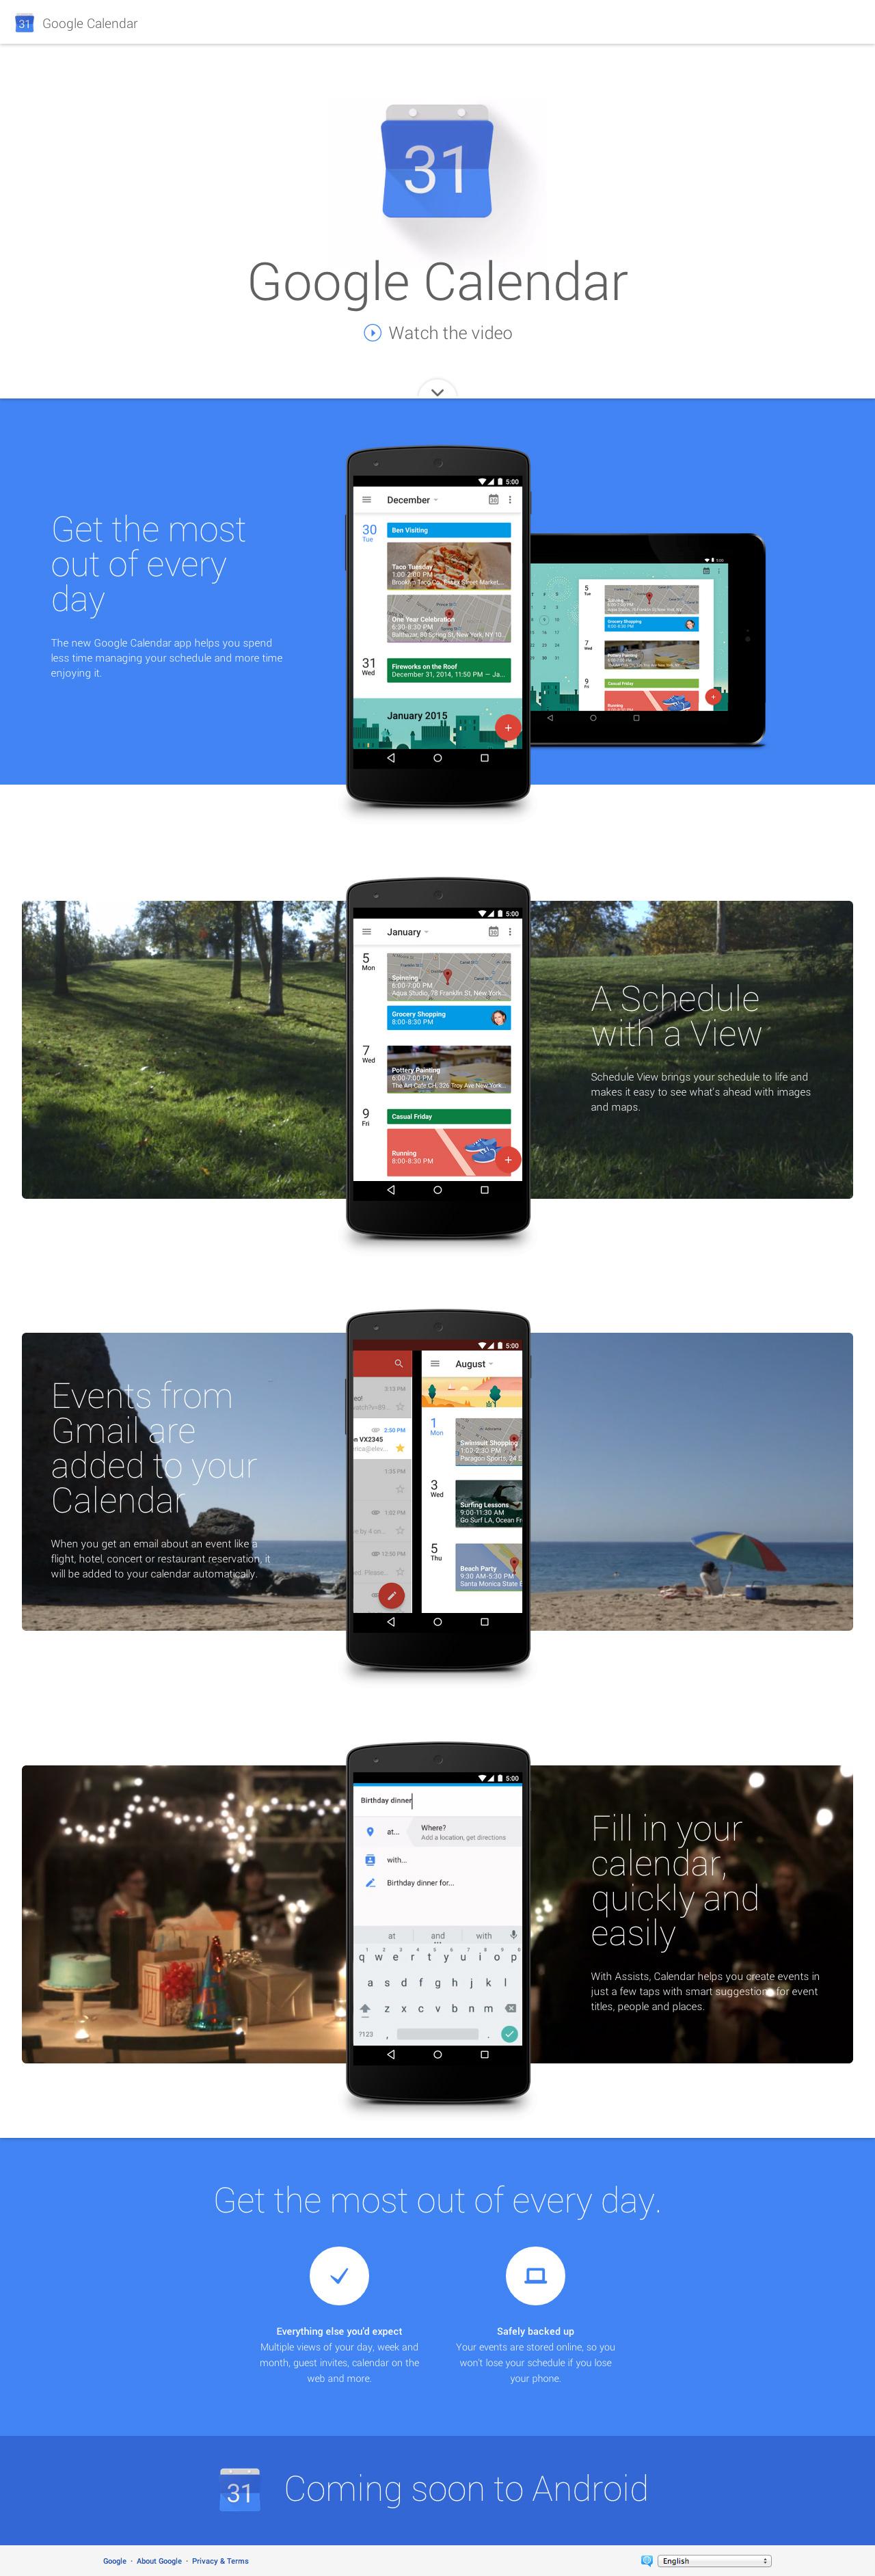 Google Calendar Website Screenshot